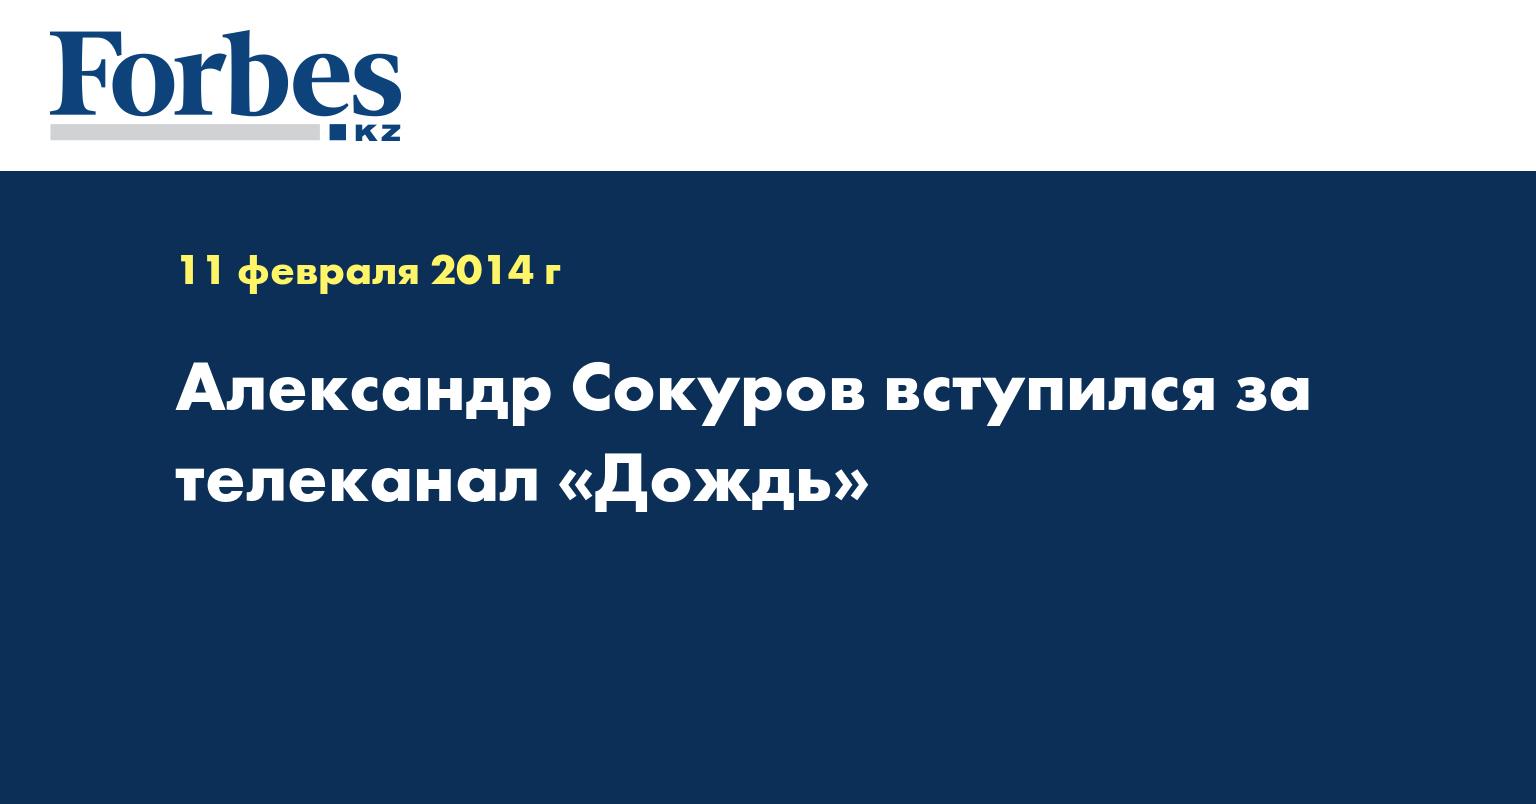 Александр Сокуров вступился за телеканал «Дождь»